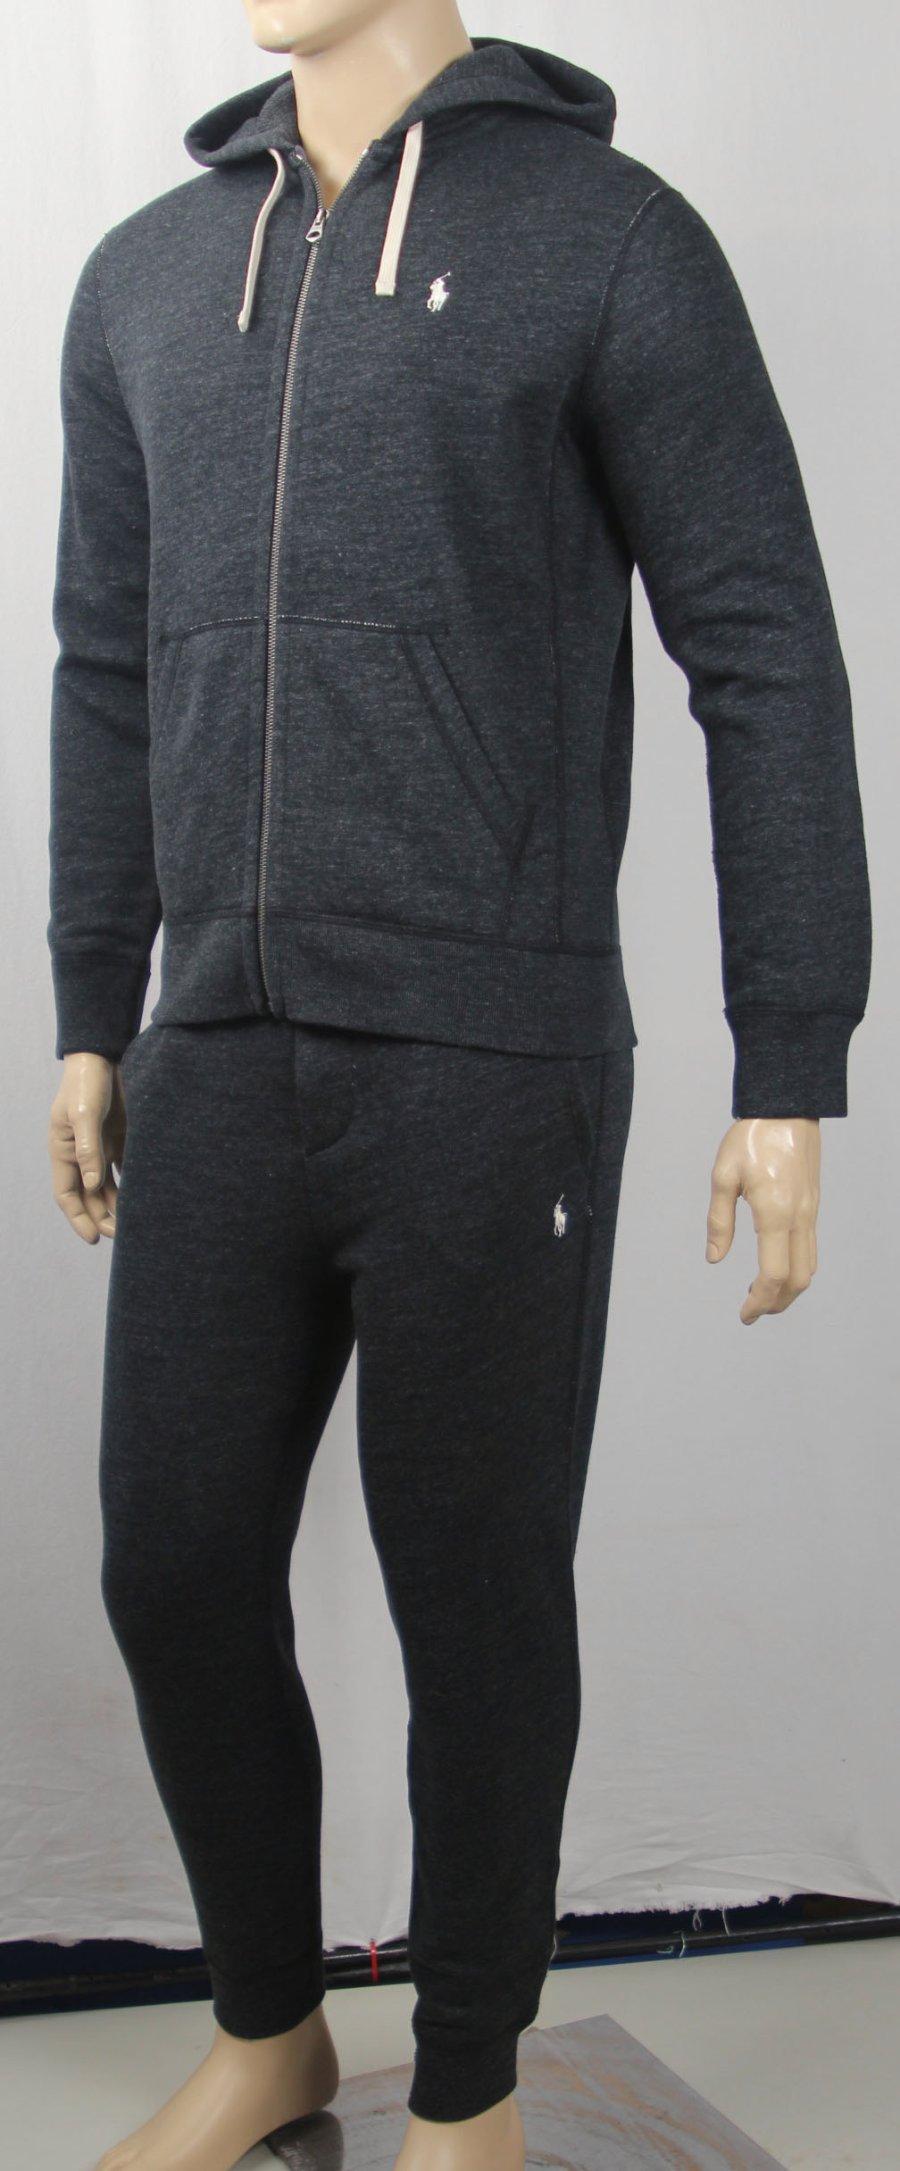 4d11b96f Polo Ralph Lauren Black Hoodie / Sweatpants Sweatsuit Full Zip ...